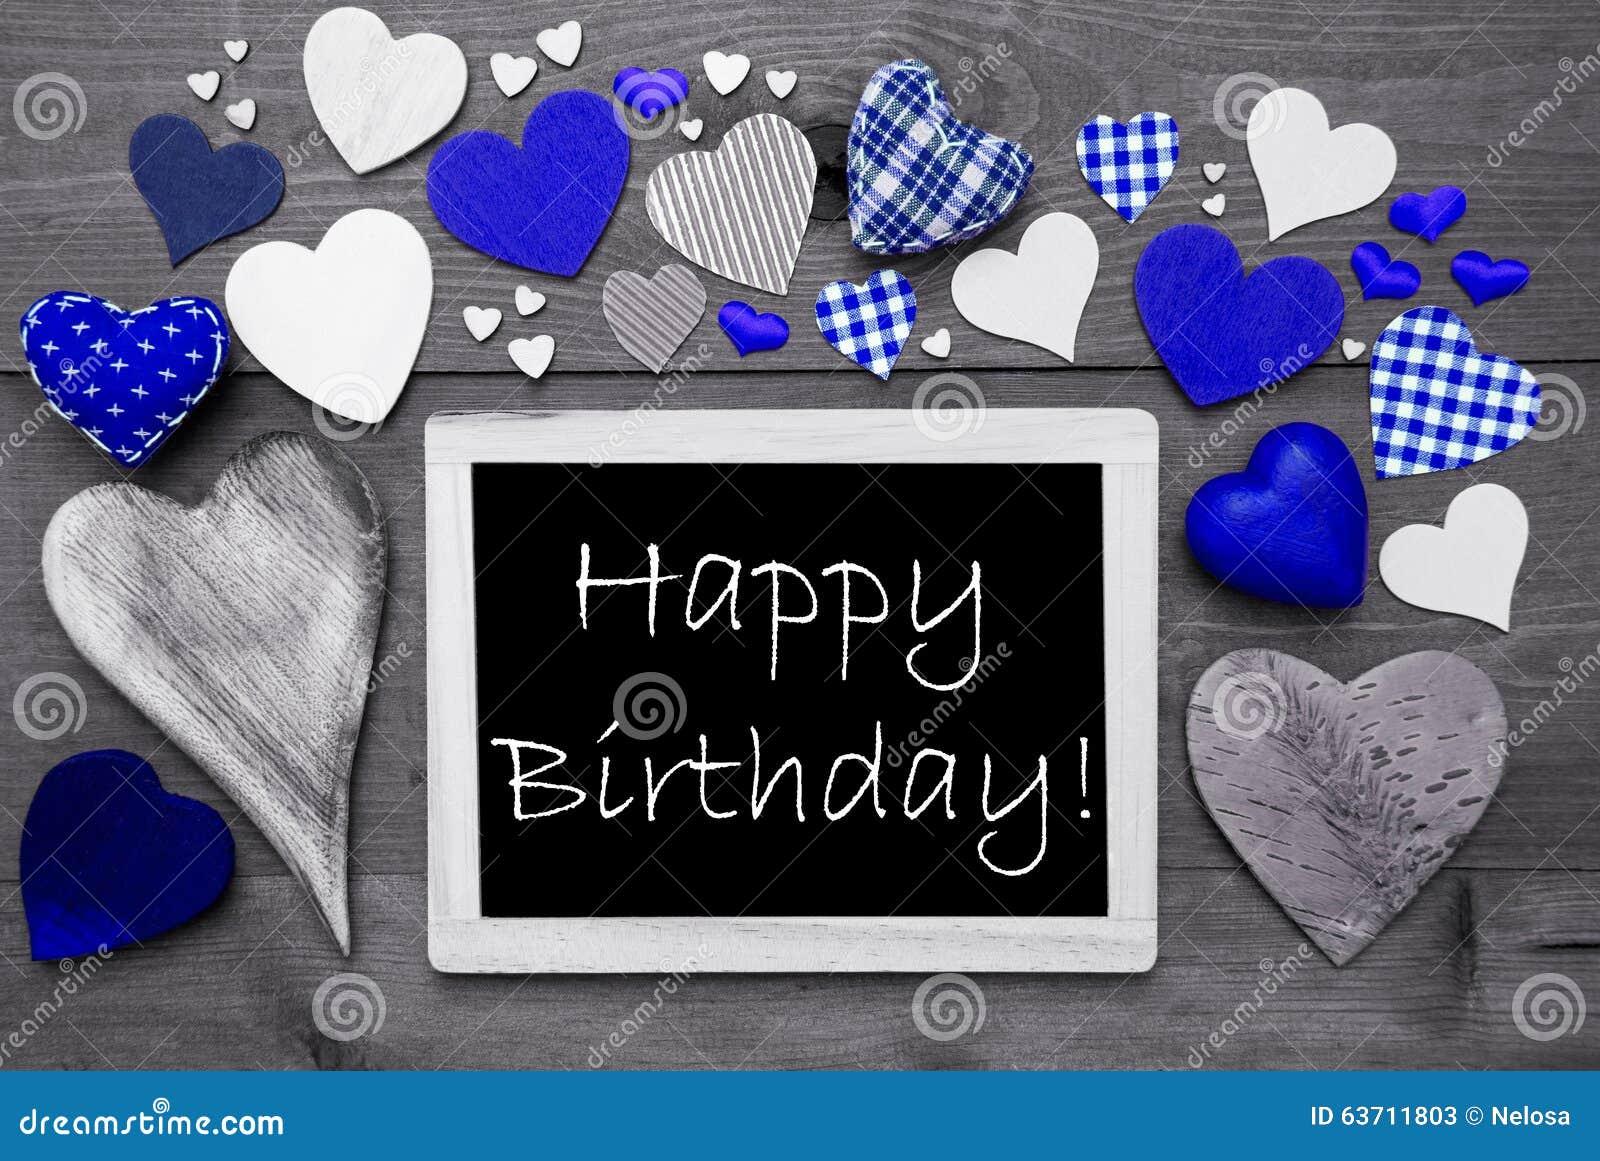 Chalkbord Preto E Branco, Muitos Corações Azuis, Feliz Aniversario Imagem de  Stock - Imagem de chalkbord, corações: 63711803